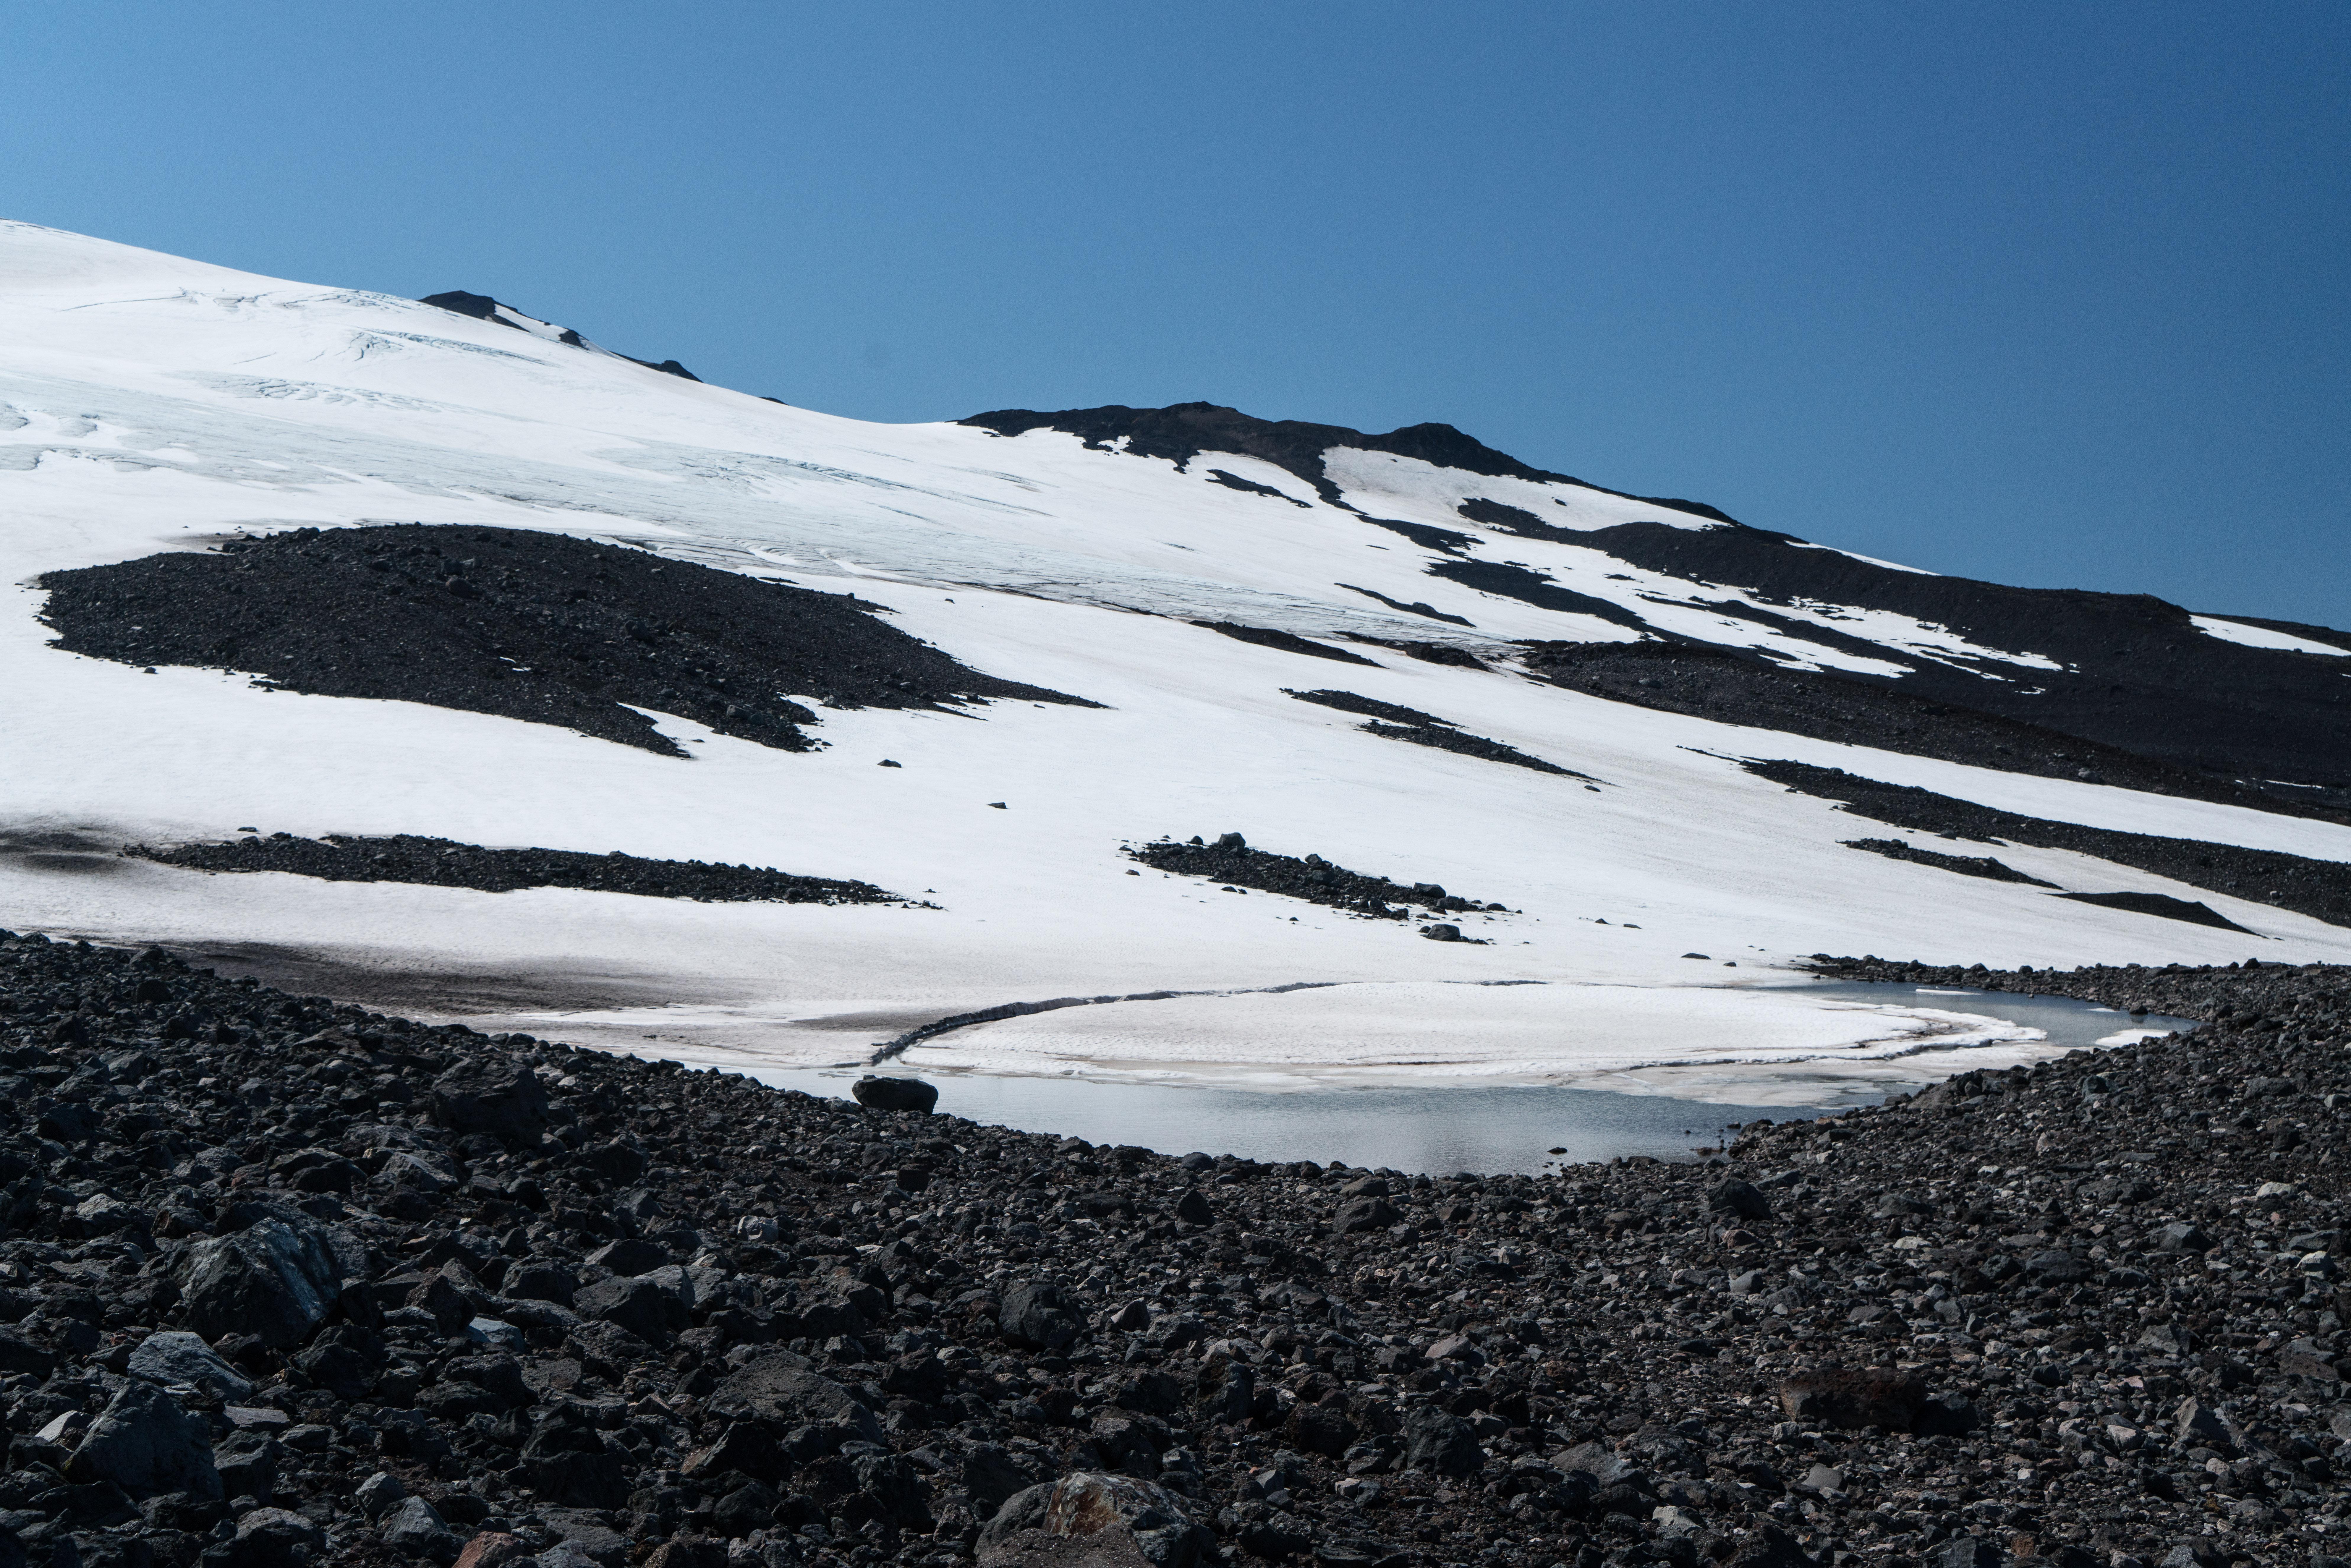 #glacier, #iceland, #snaefelljokull, #globalwarming, #hike, #nature, #landscape